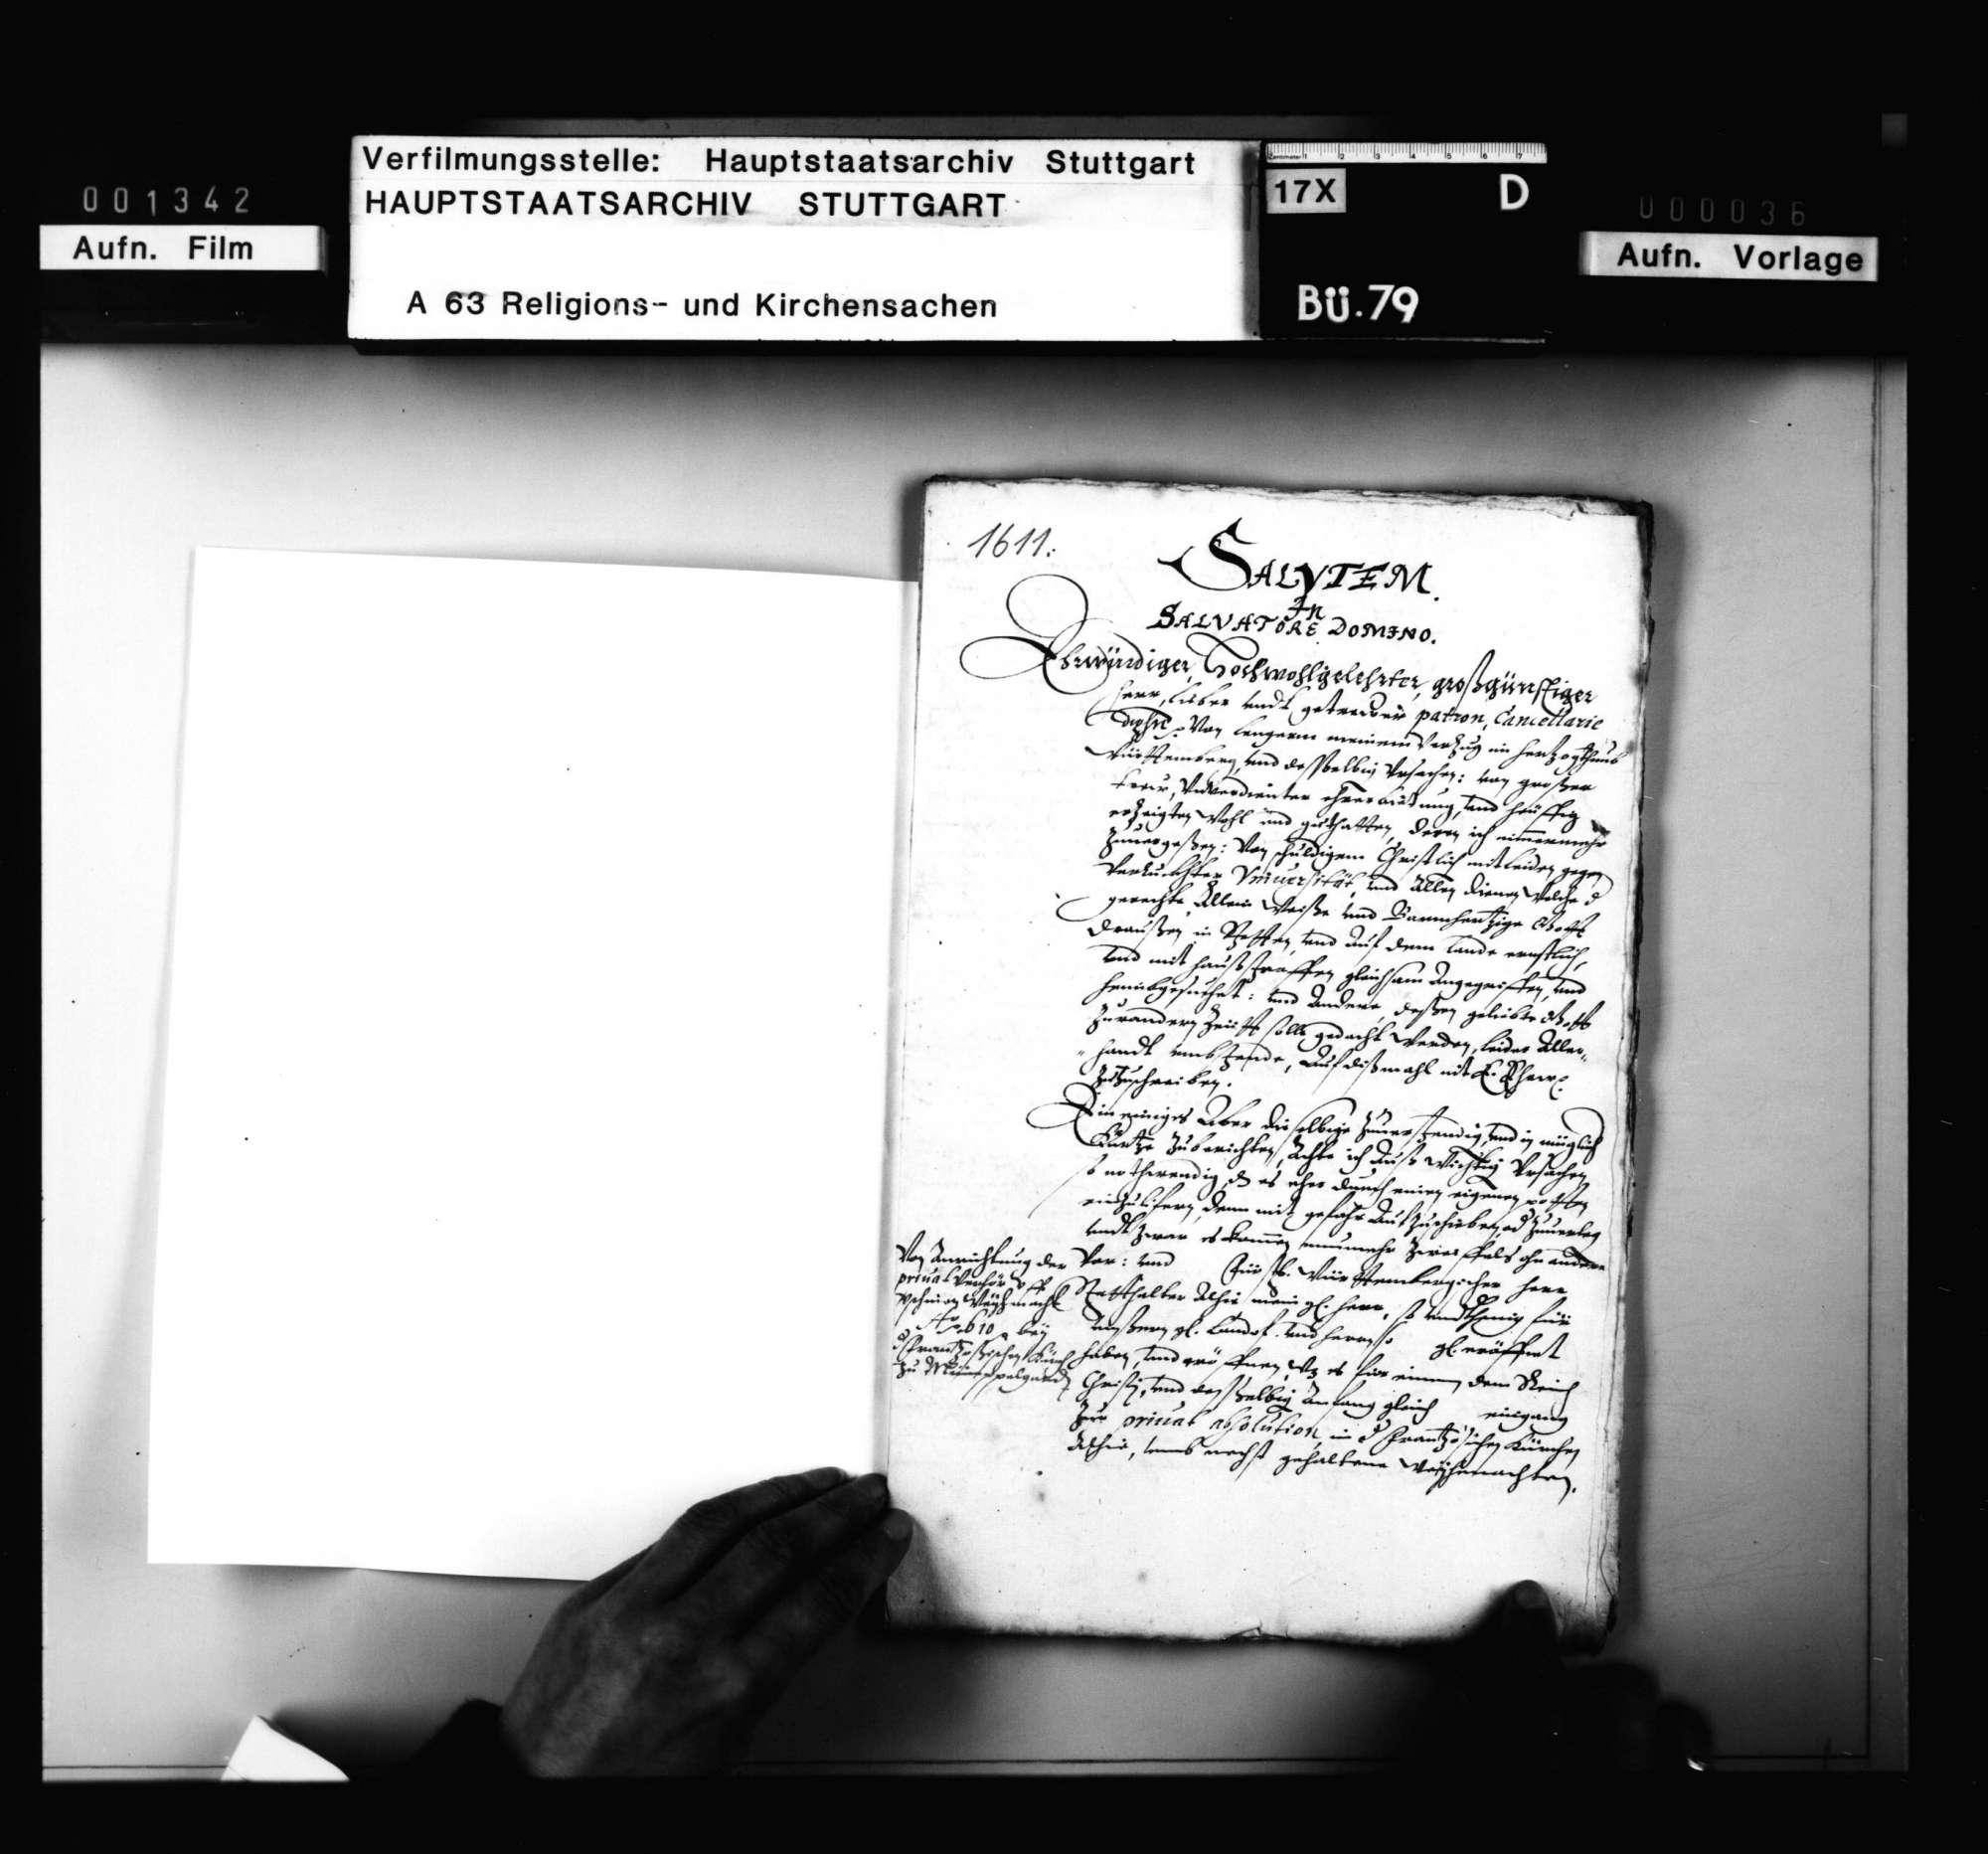 Korrespondenz des Tübinger Professors A. Osiander mit dem Superintendenten zu Mömpelgard und 2 Reskripte, die Privatbeichte betreffend., Bild 2